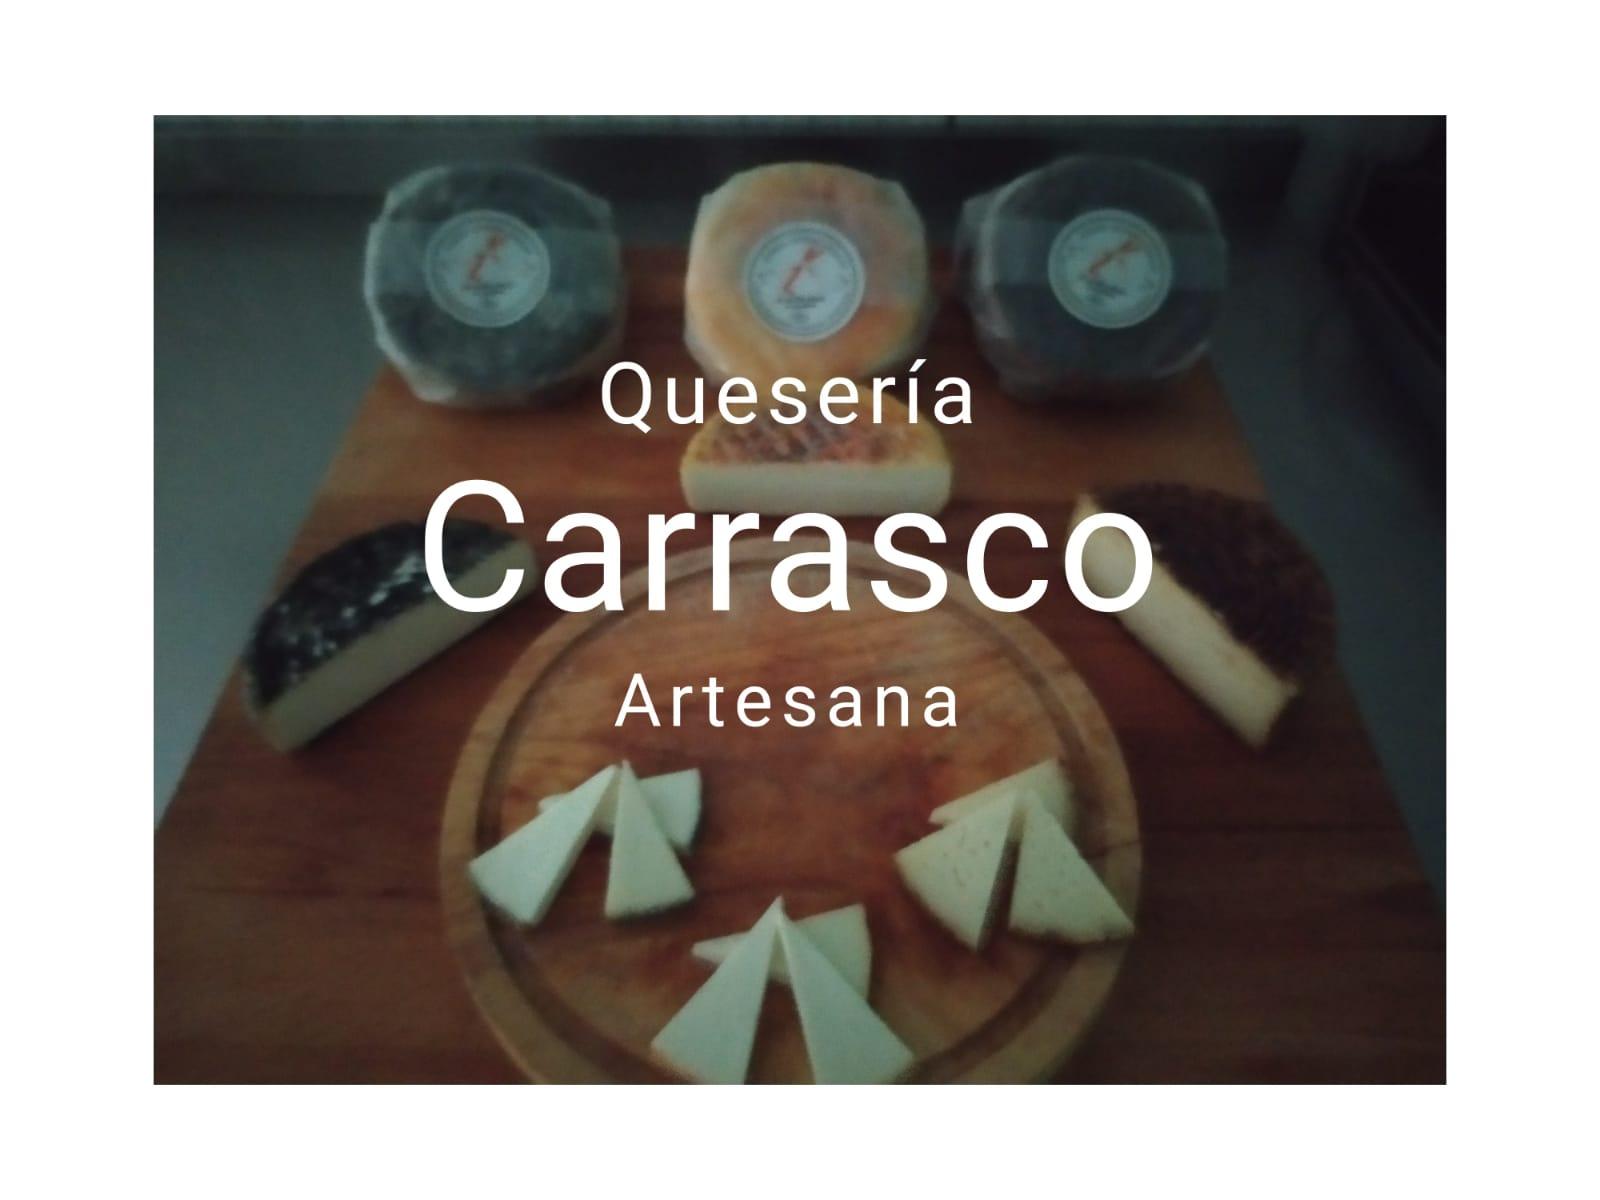 QUESERÍA ARTESANA CARRASCO - TRASHUMANA